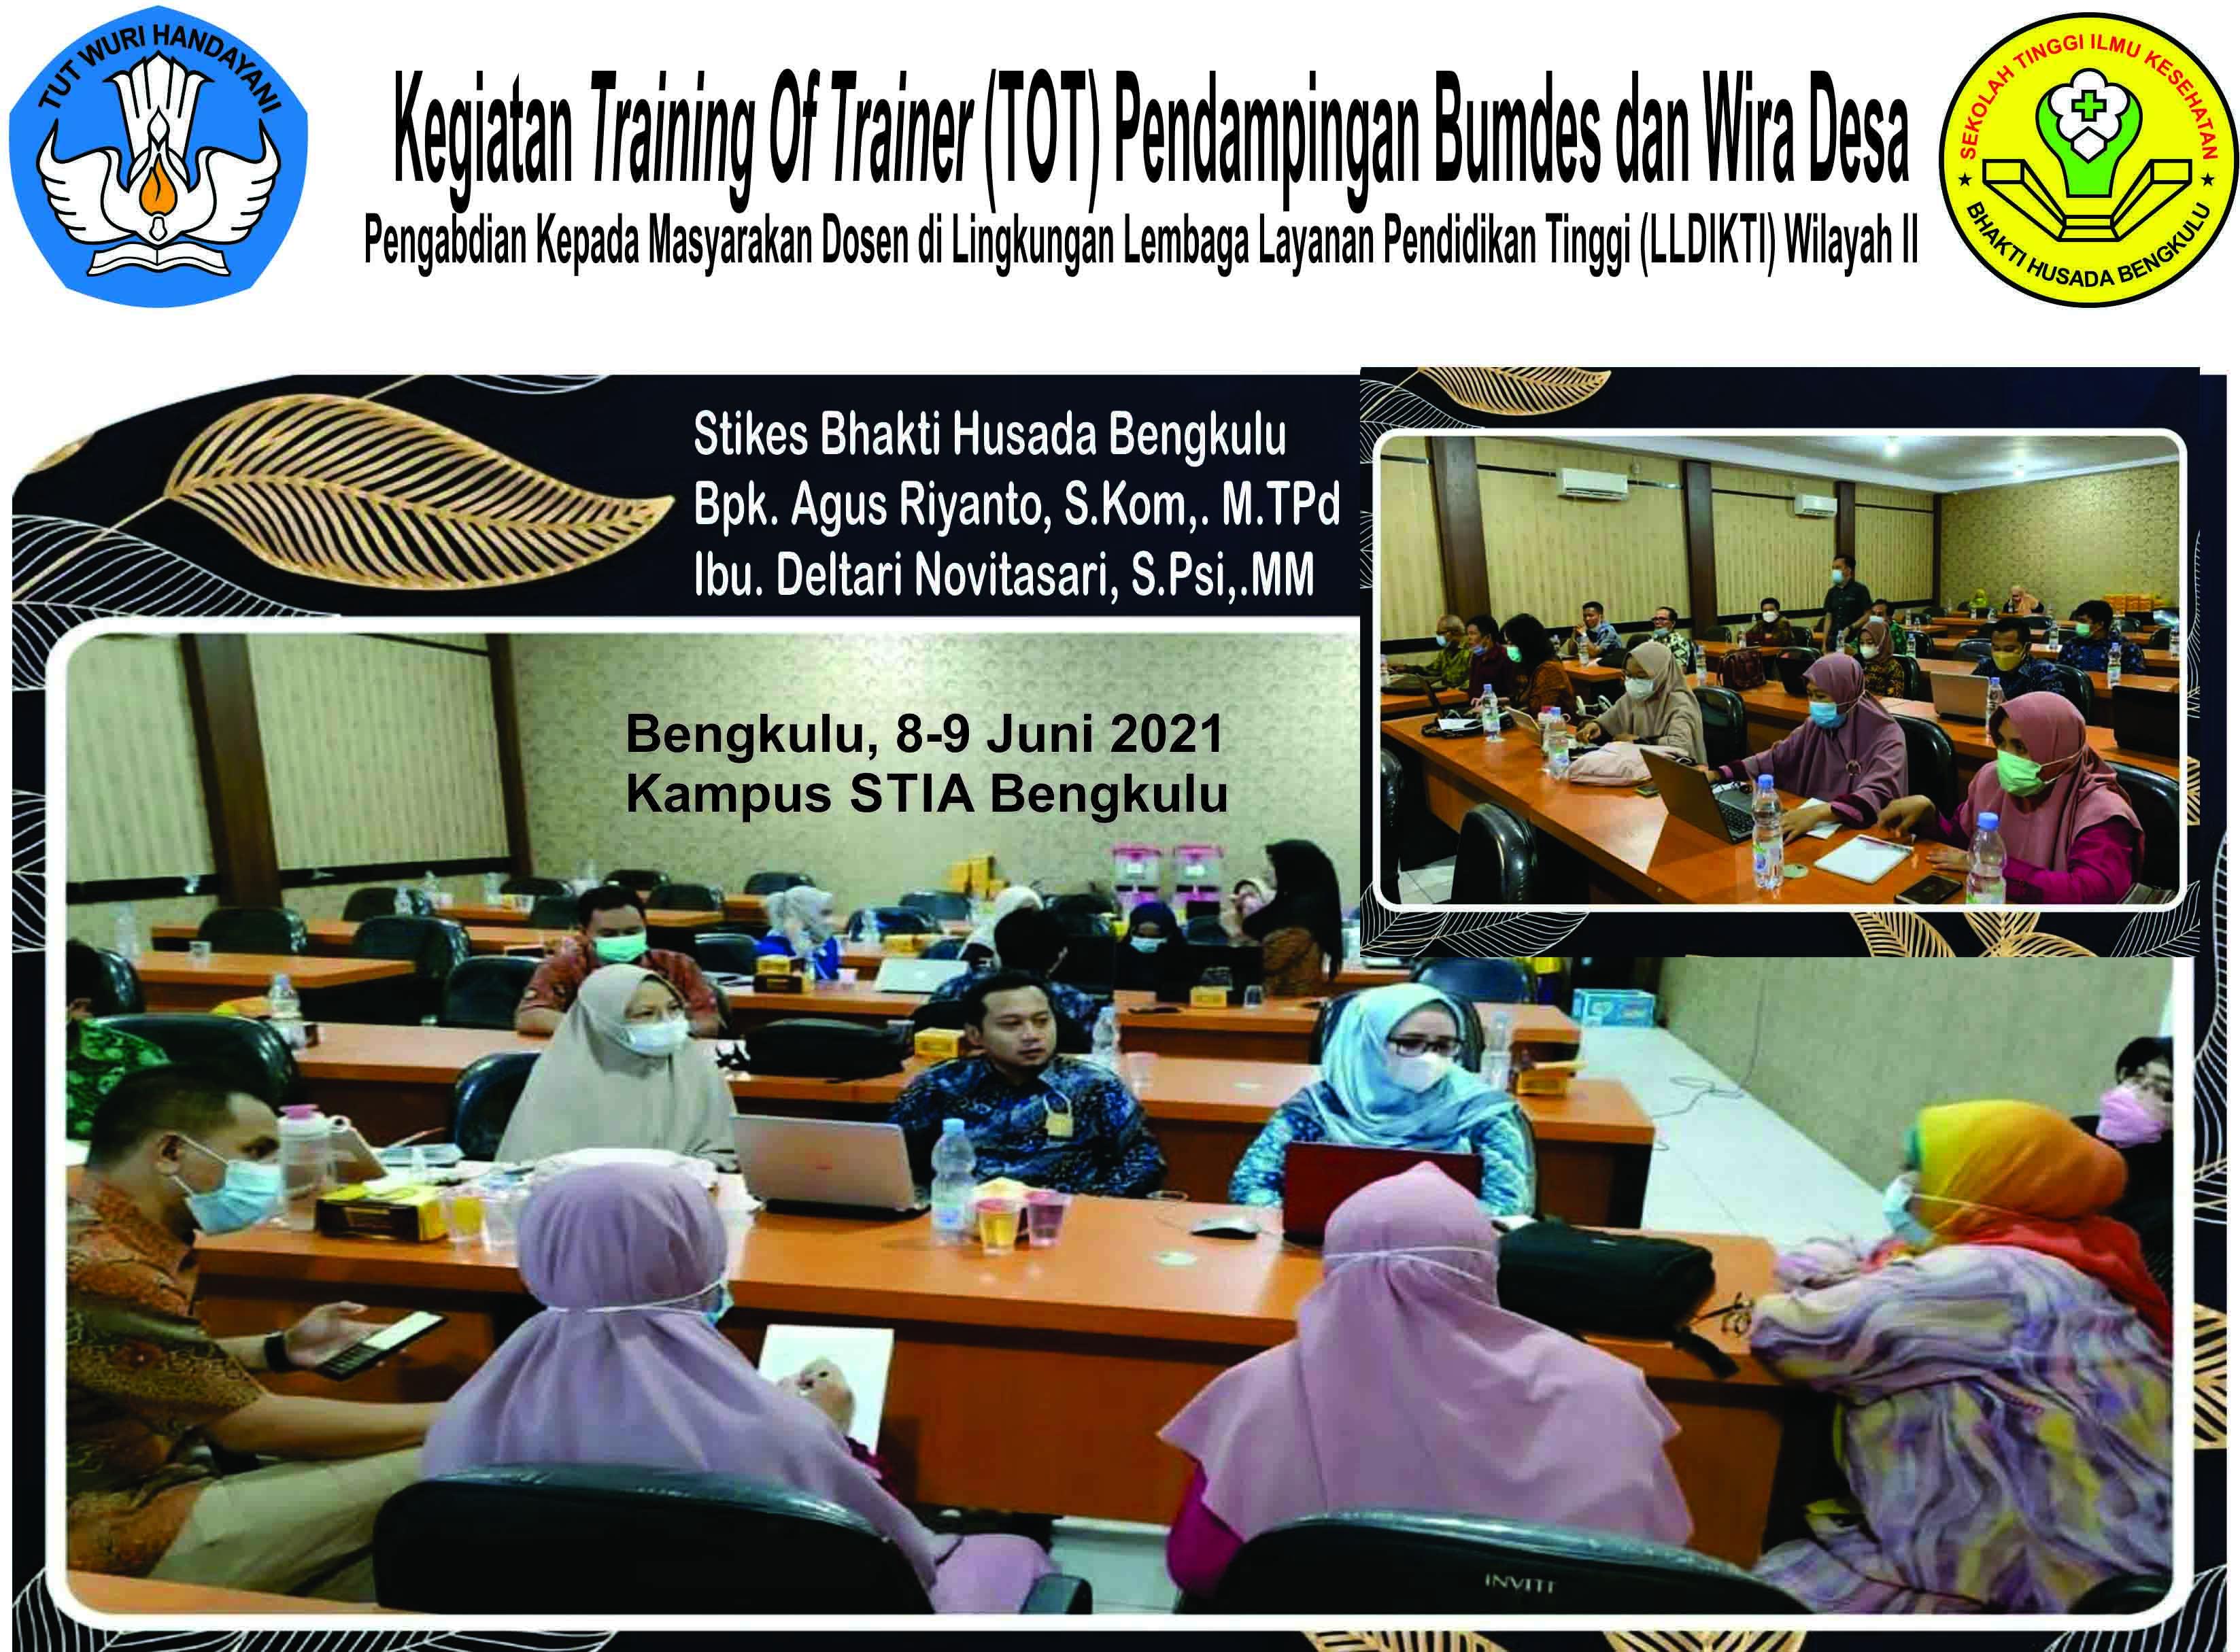 Kegiatan Training Of Trainer (TOT) Pendampingan Bumdes dan Wira Desa